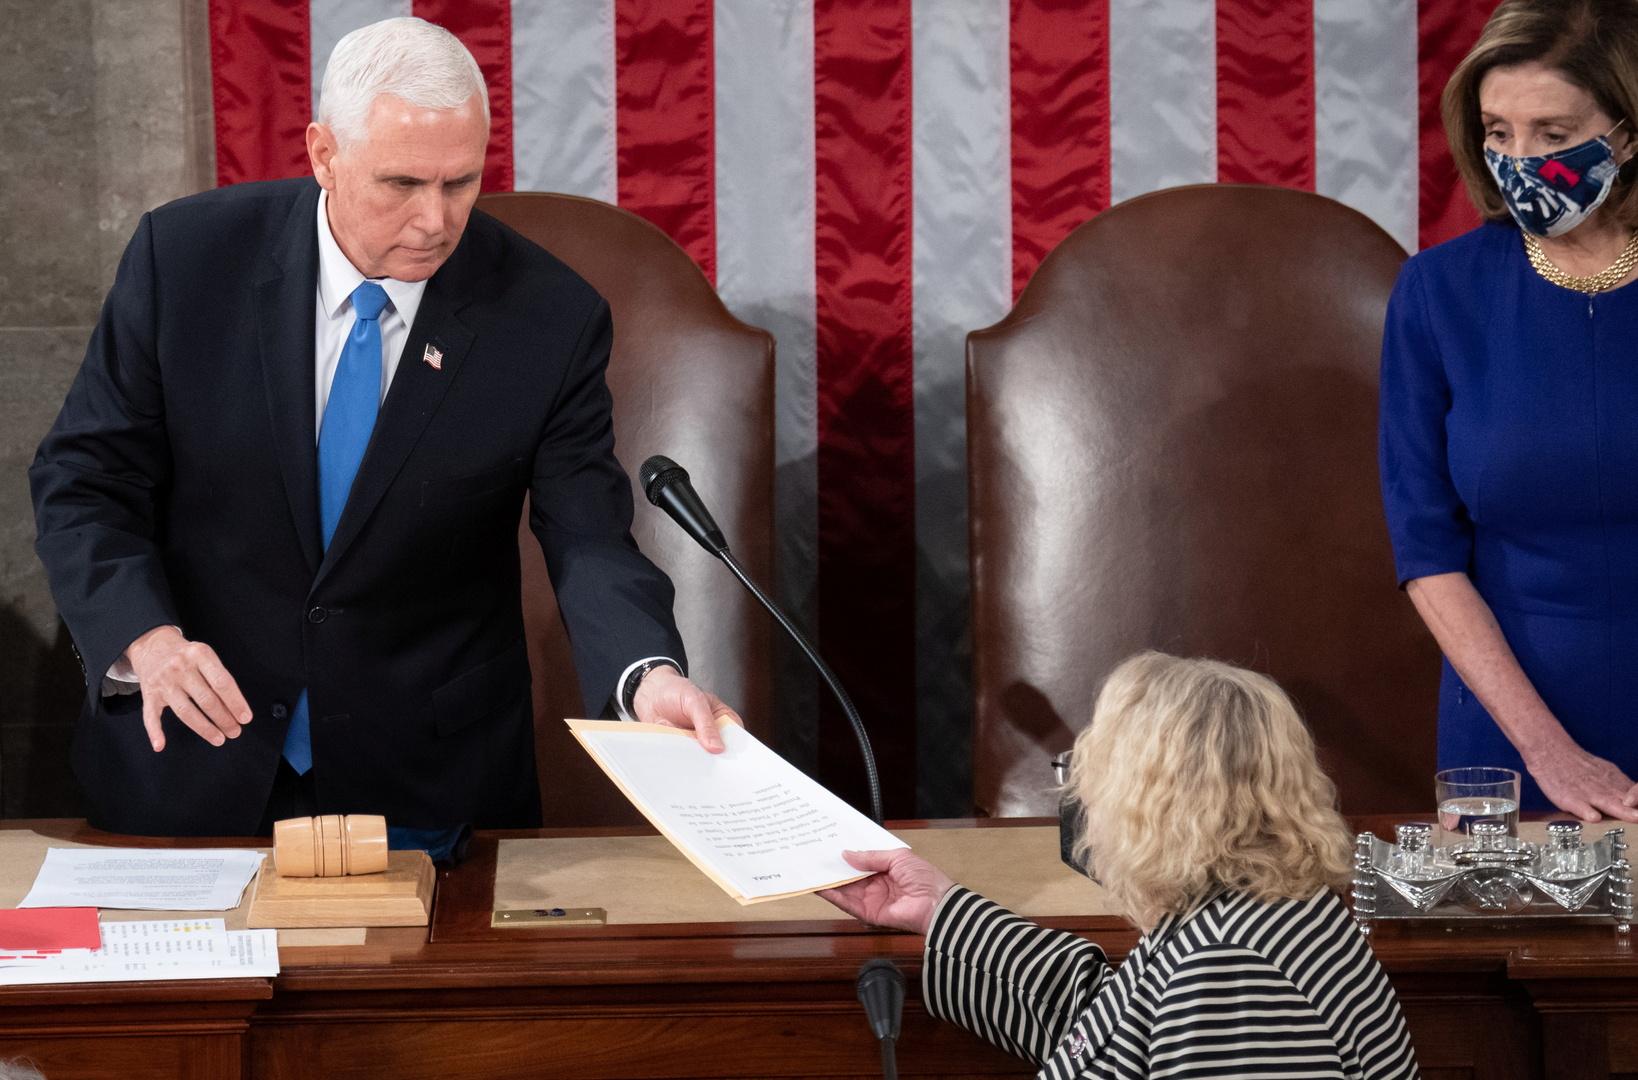 مجلس النواب الأمريكي يرفض اعتراضا ثانيا على نتائج انتخابات الرئاسة